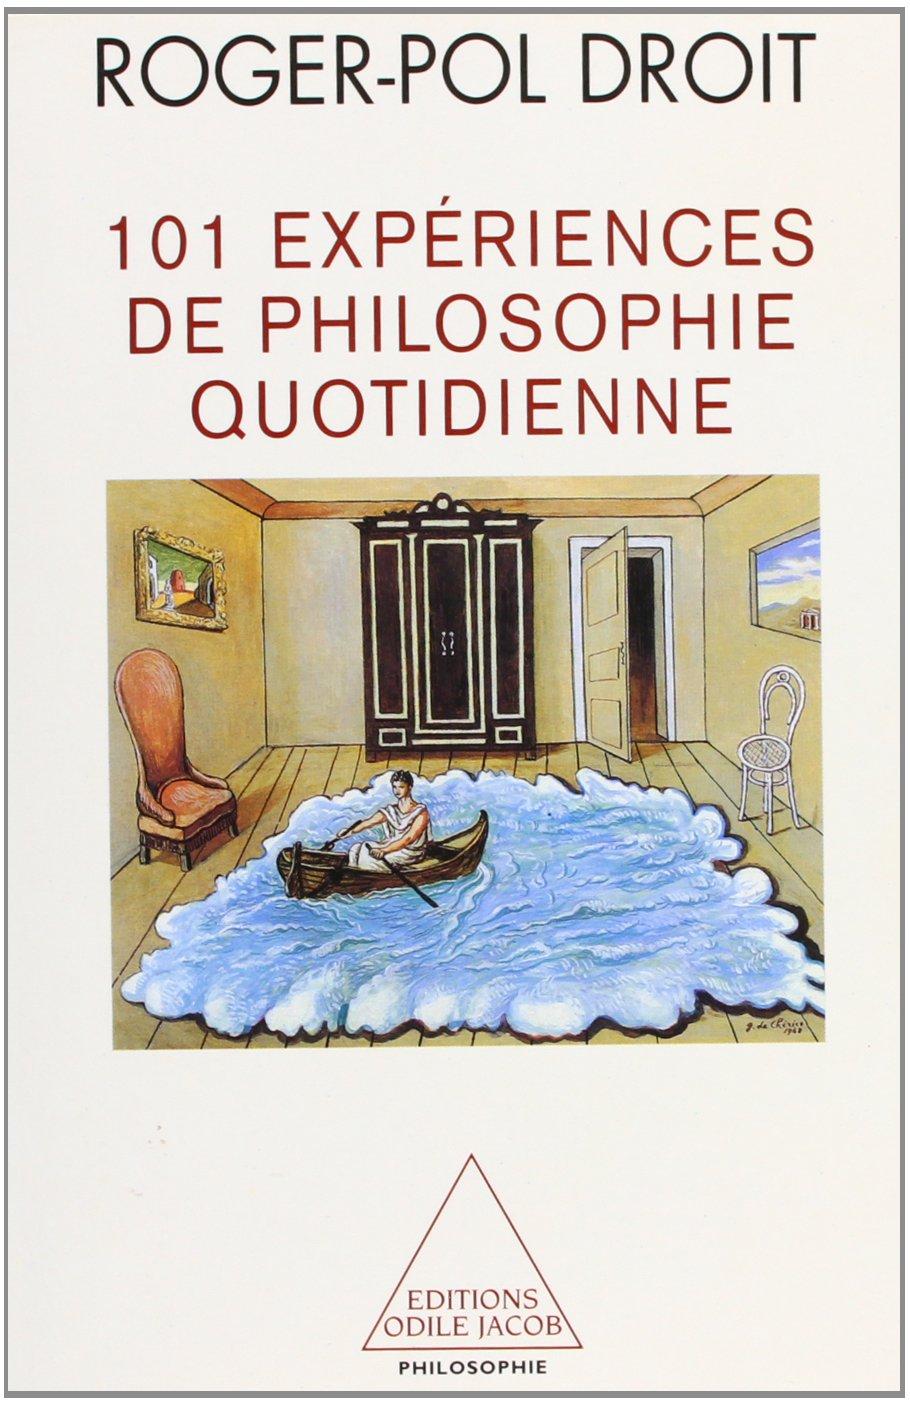 101 Expériences de philosophie quotidienne: Roger-Pol Droit: 9782738109224:  Amazon.com: Books